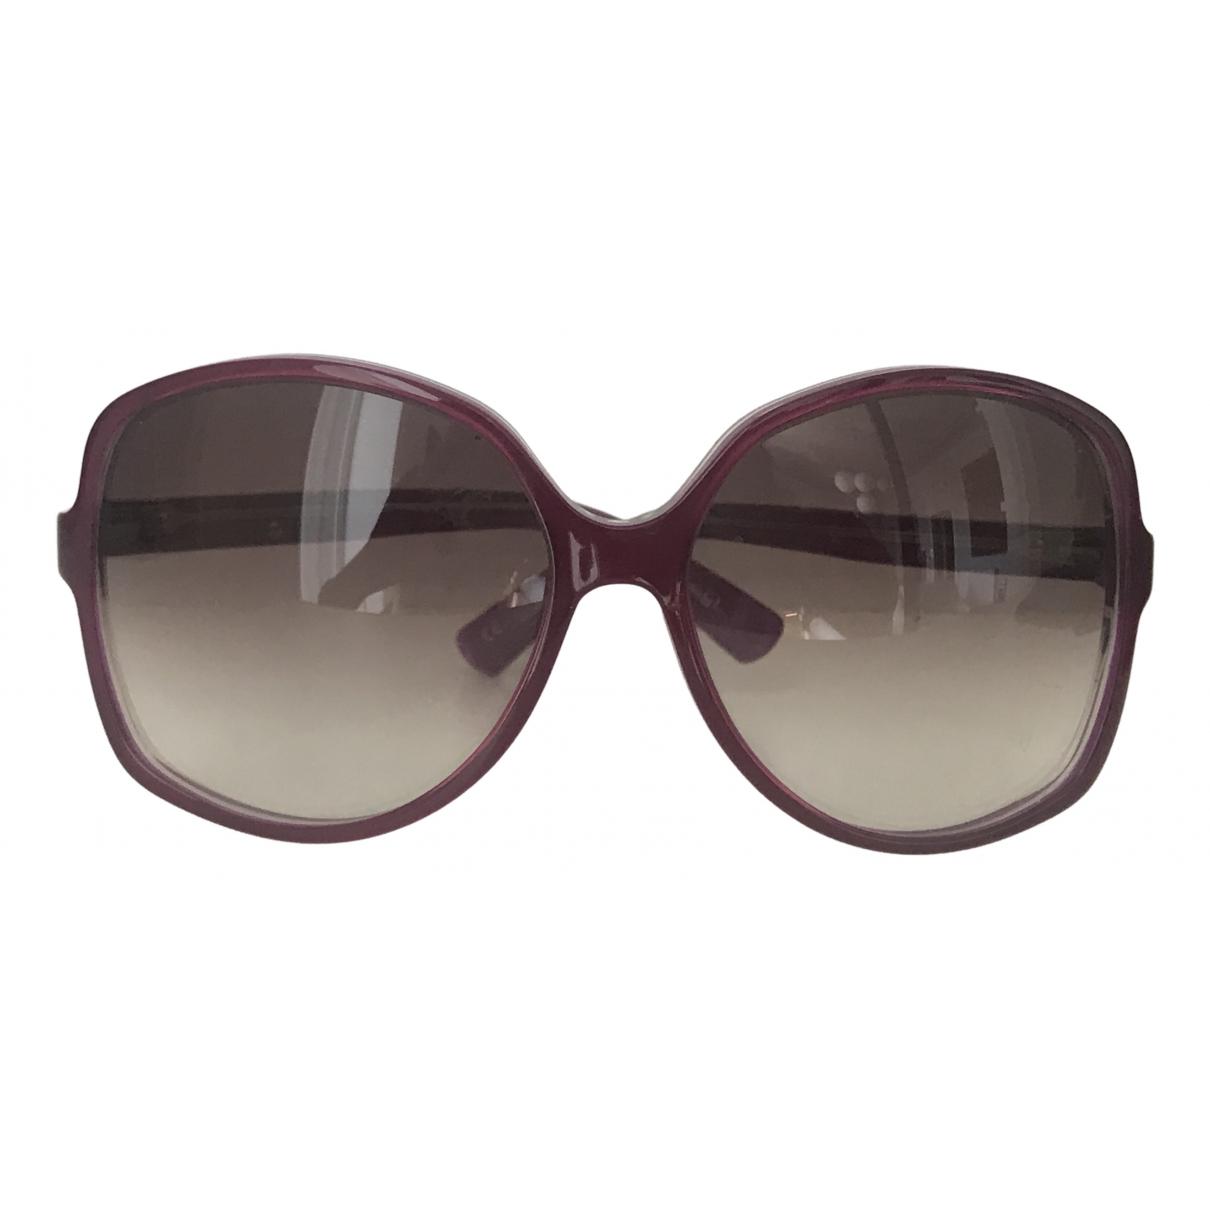 Gucci \N Burgundy Sunglasses for Women \N